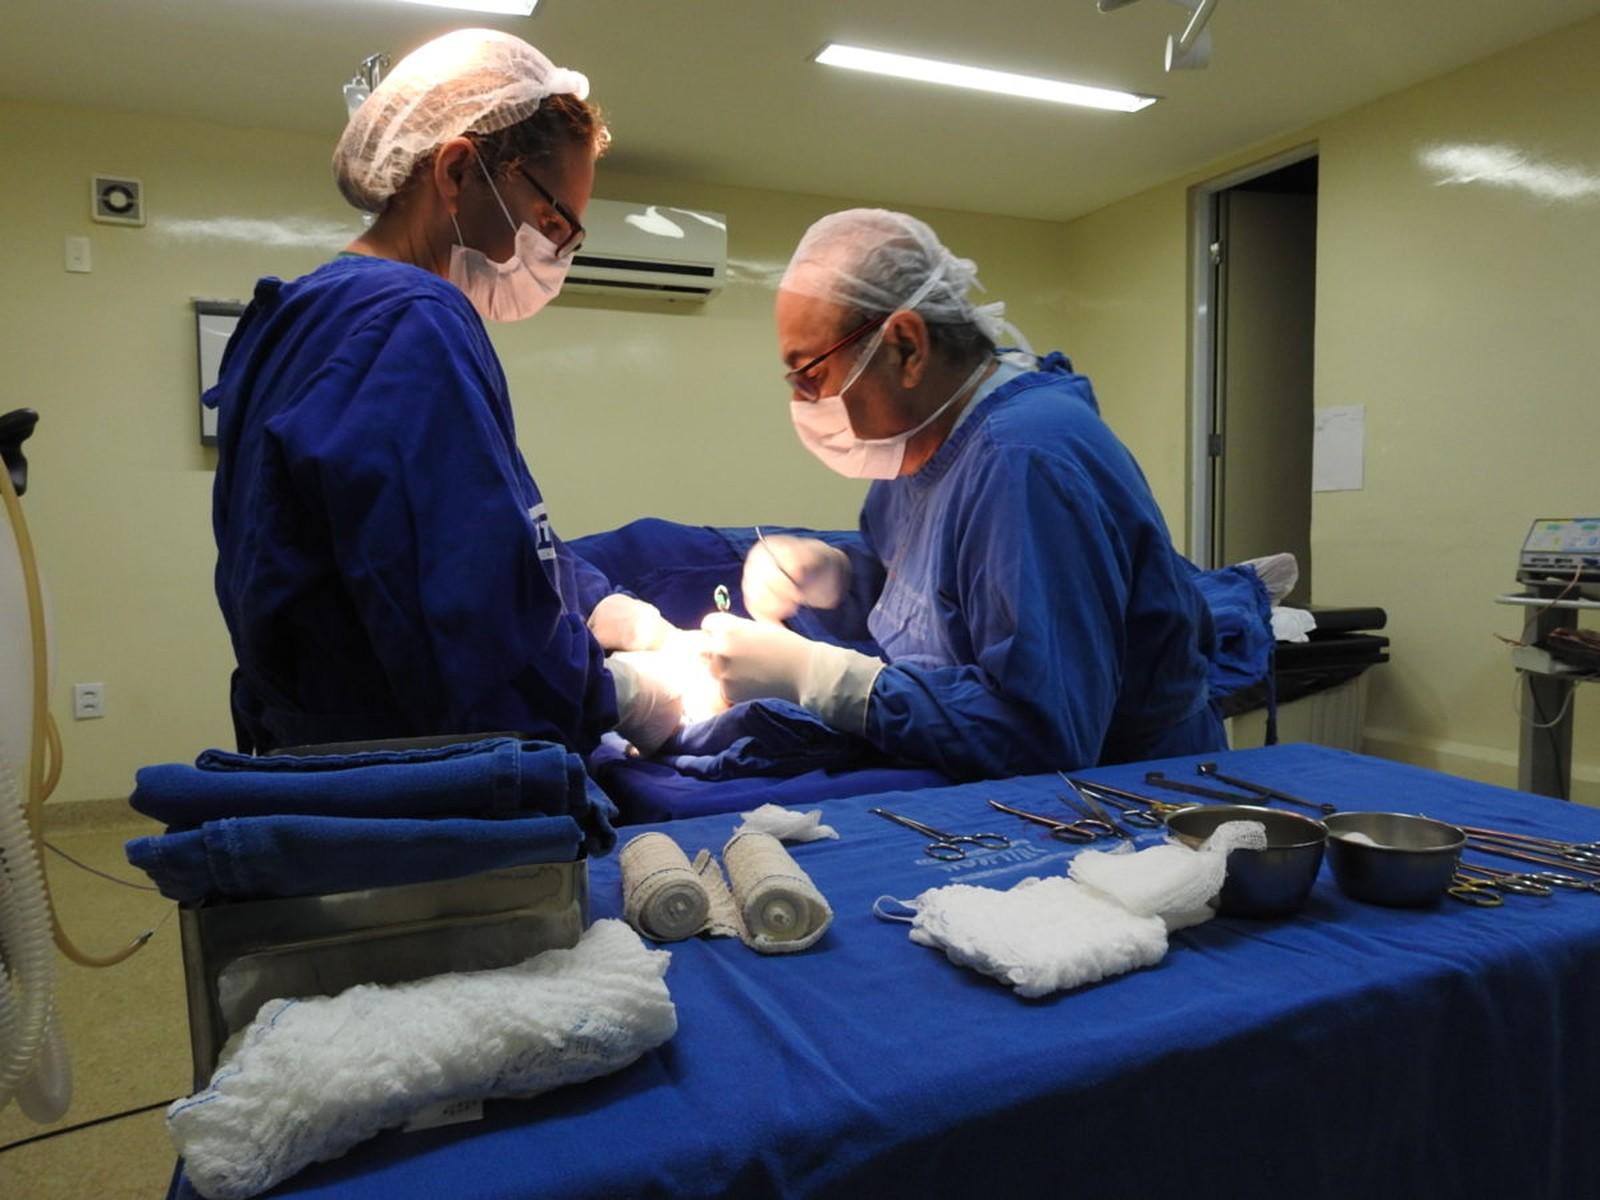 Cooperativa de médicos paralisa cirurgias em hospitais do RN